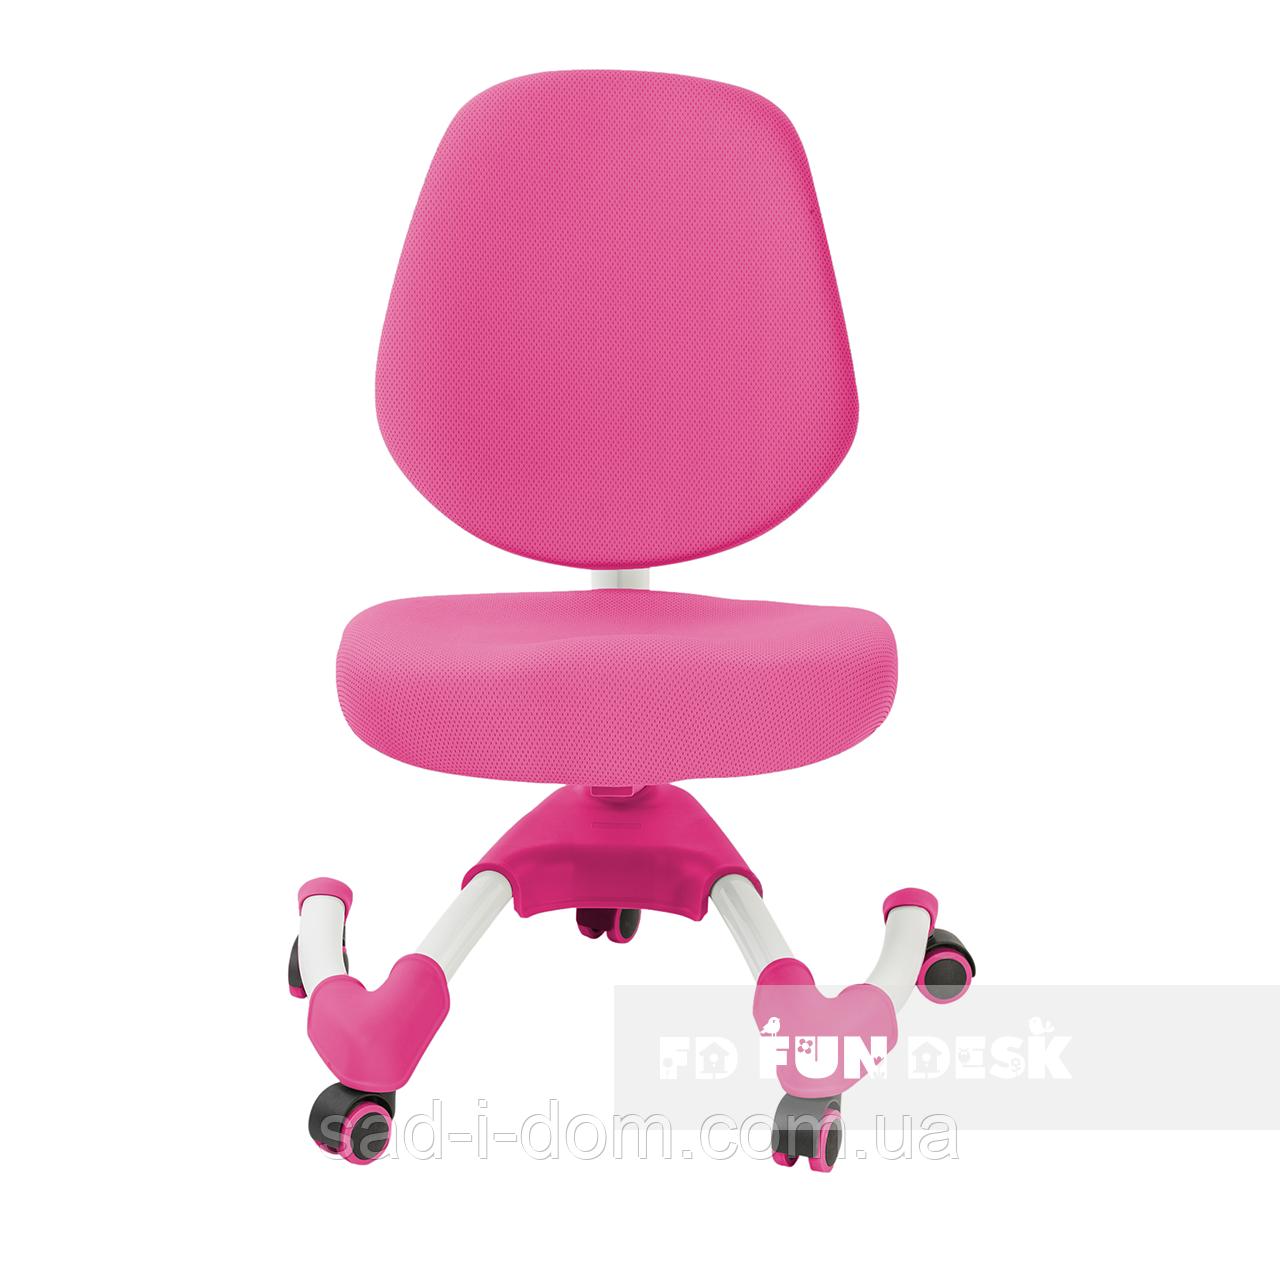 Детское компьютерное ортопедическое кресло  FunDesk Buono розовый